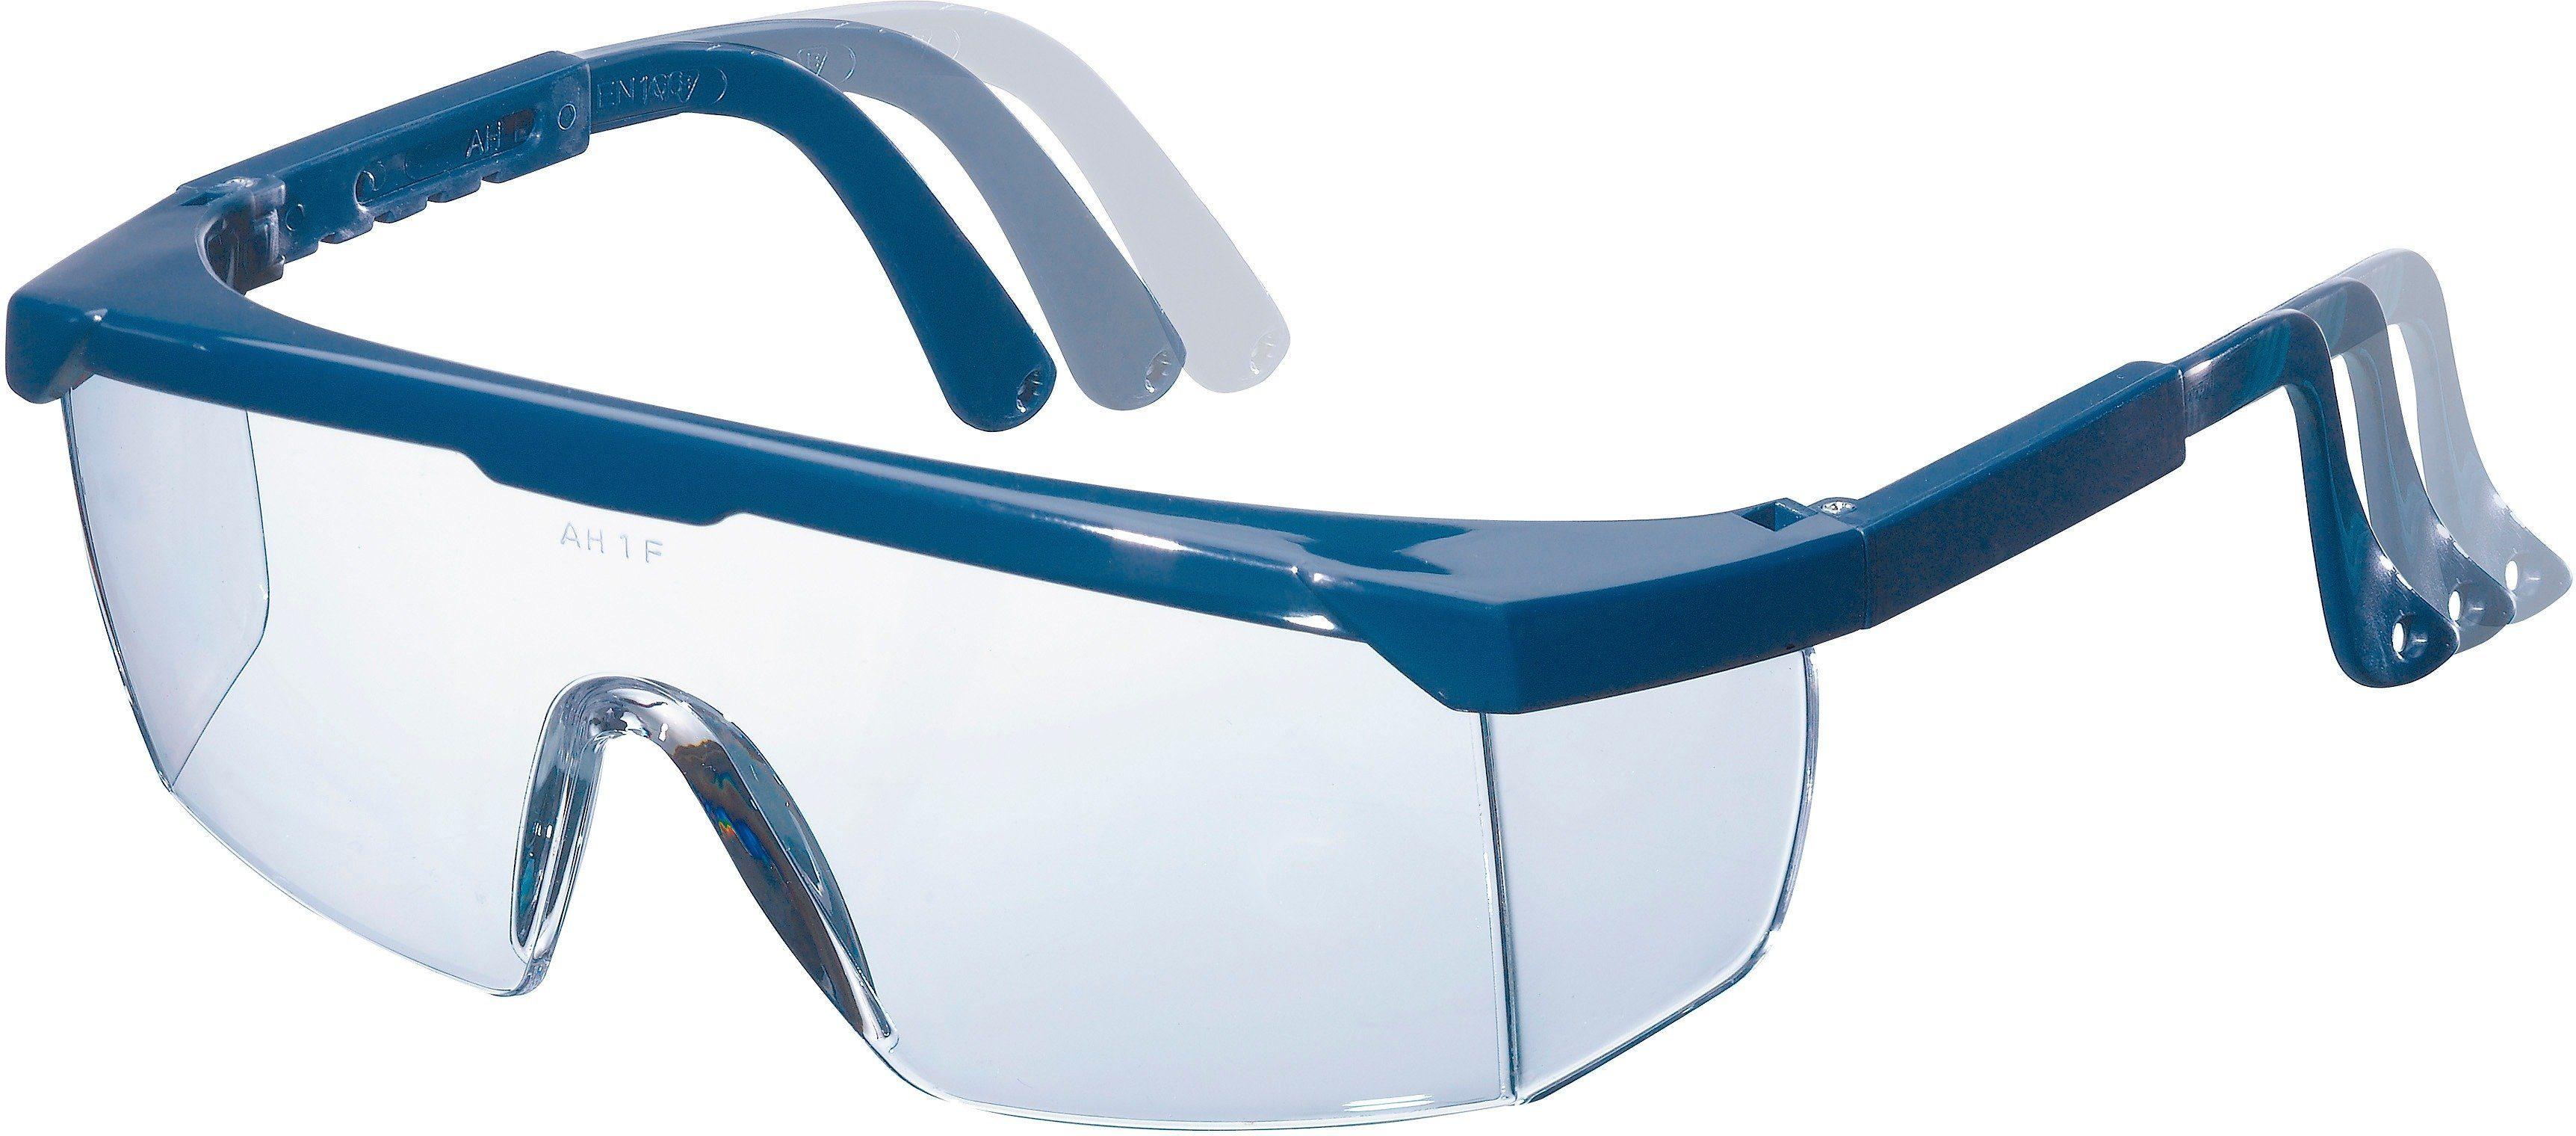 Schutzbrille (2 Stück)